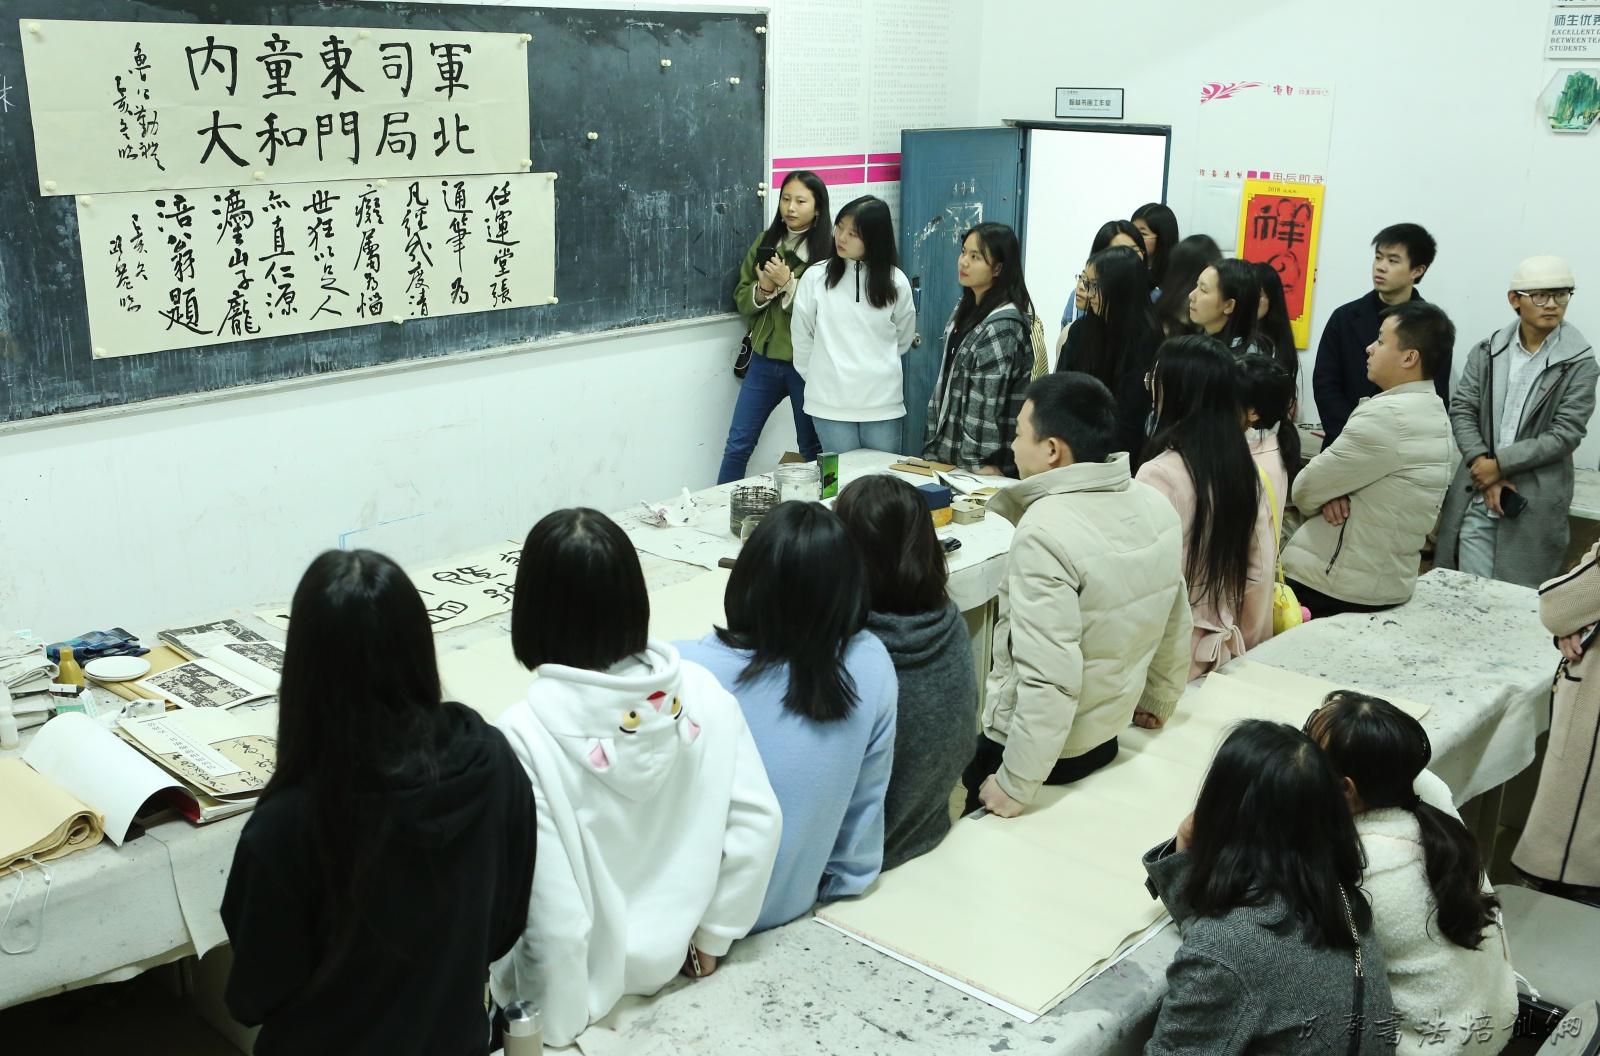 蒲江书画家协会主席曹路宽再次受邀至高校开展书画讲座交流 –